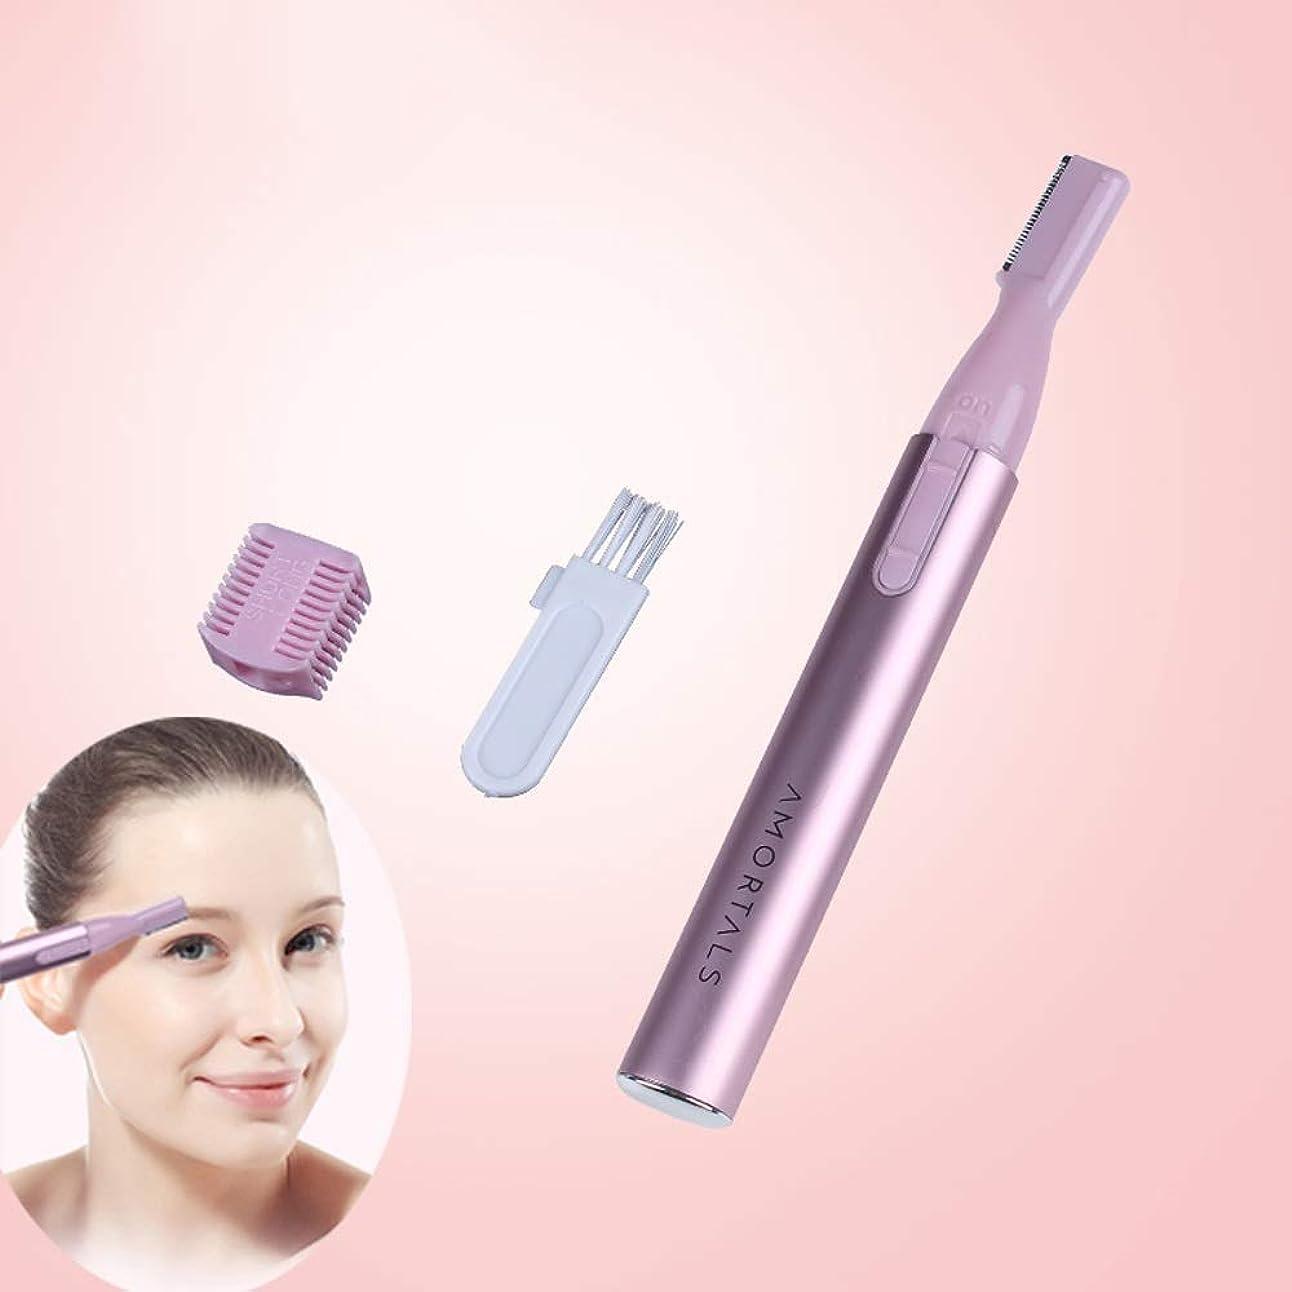 主権者ダース効率脇の下/足/体/髪の女性の顔のトリマーのための携帯用電動眉毛トリマー、(電池式) (Color : Pink)